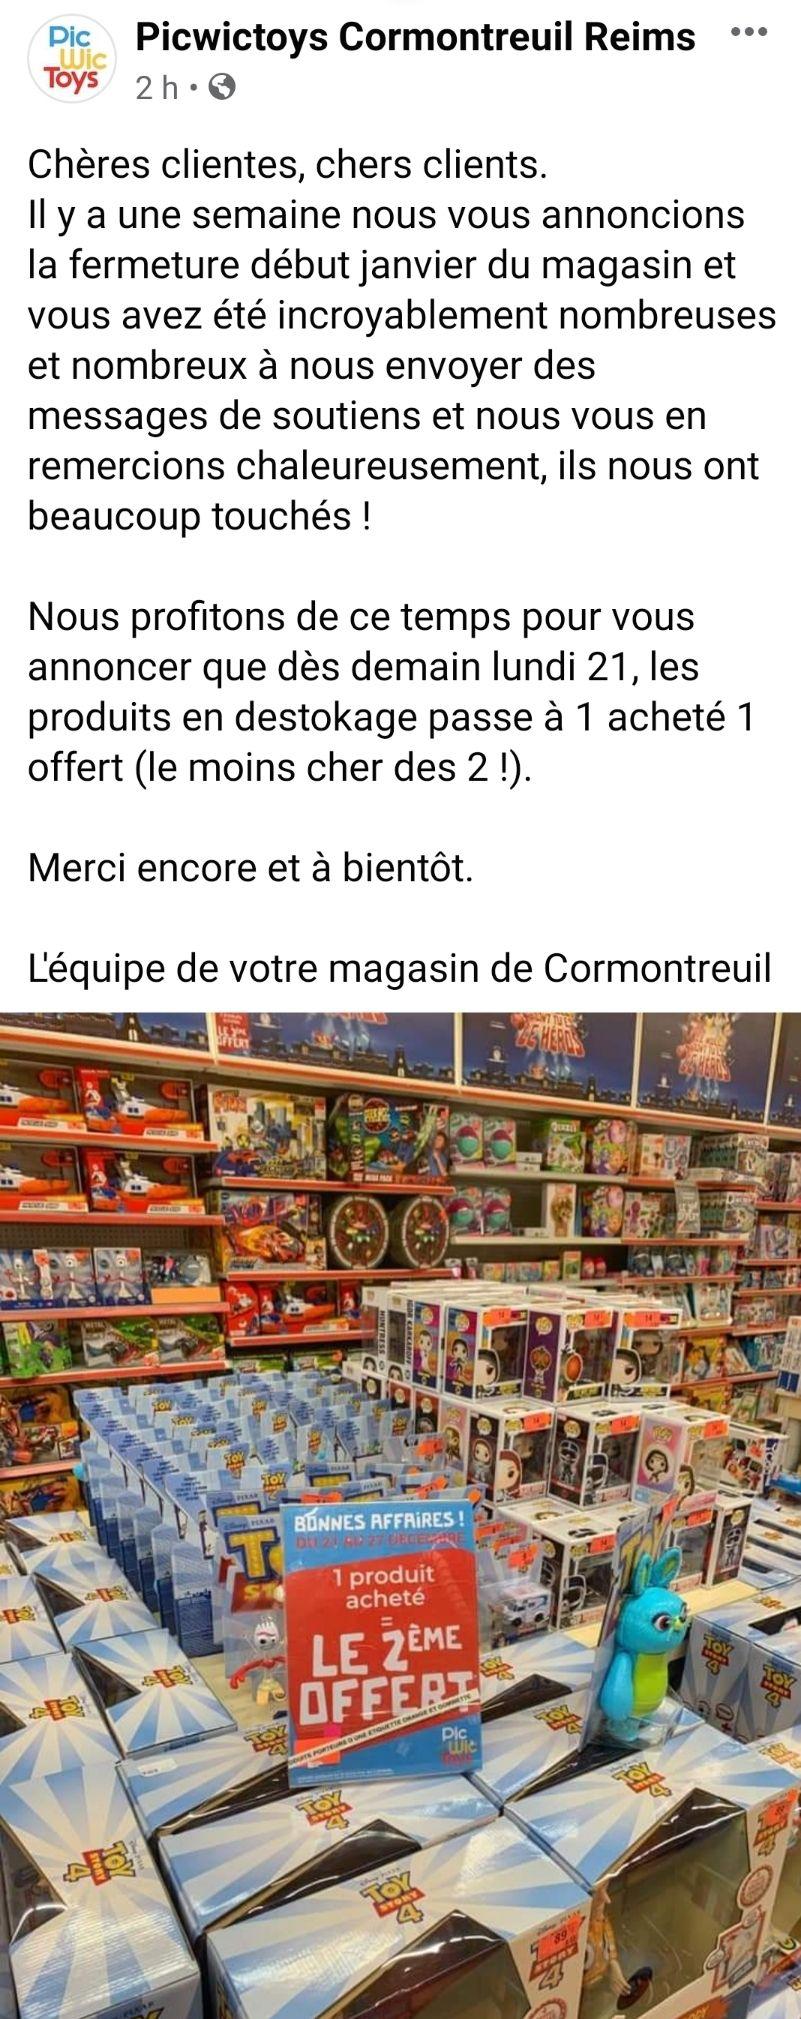 1 article acheté parmi une sélection = le deuxième offert (Le moins cher des deux) - Cormontreuil (51)